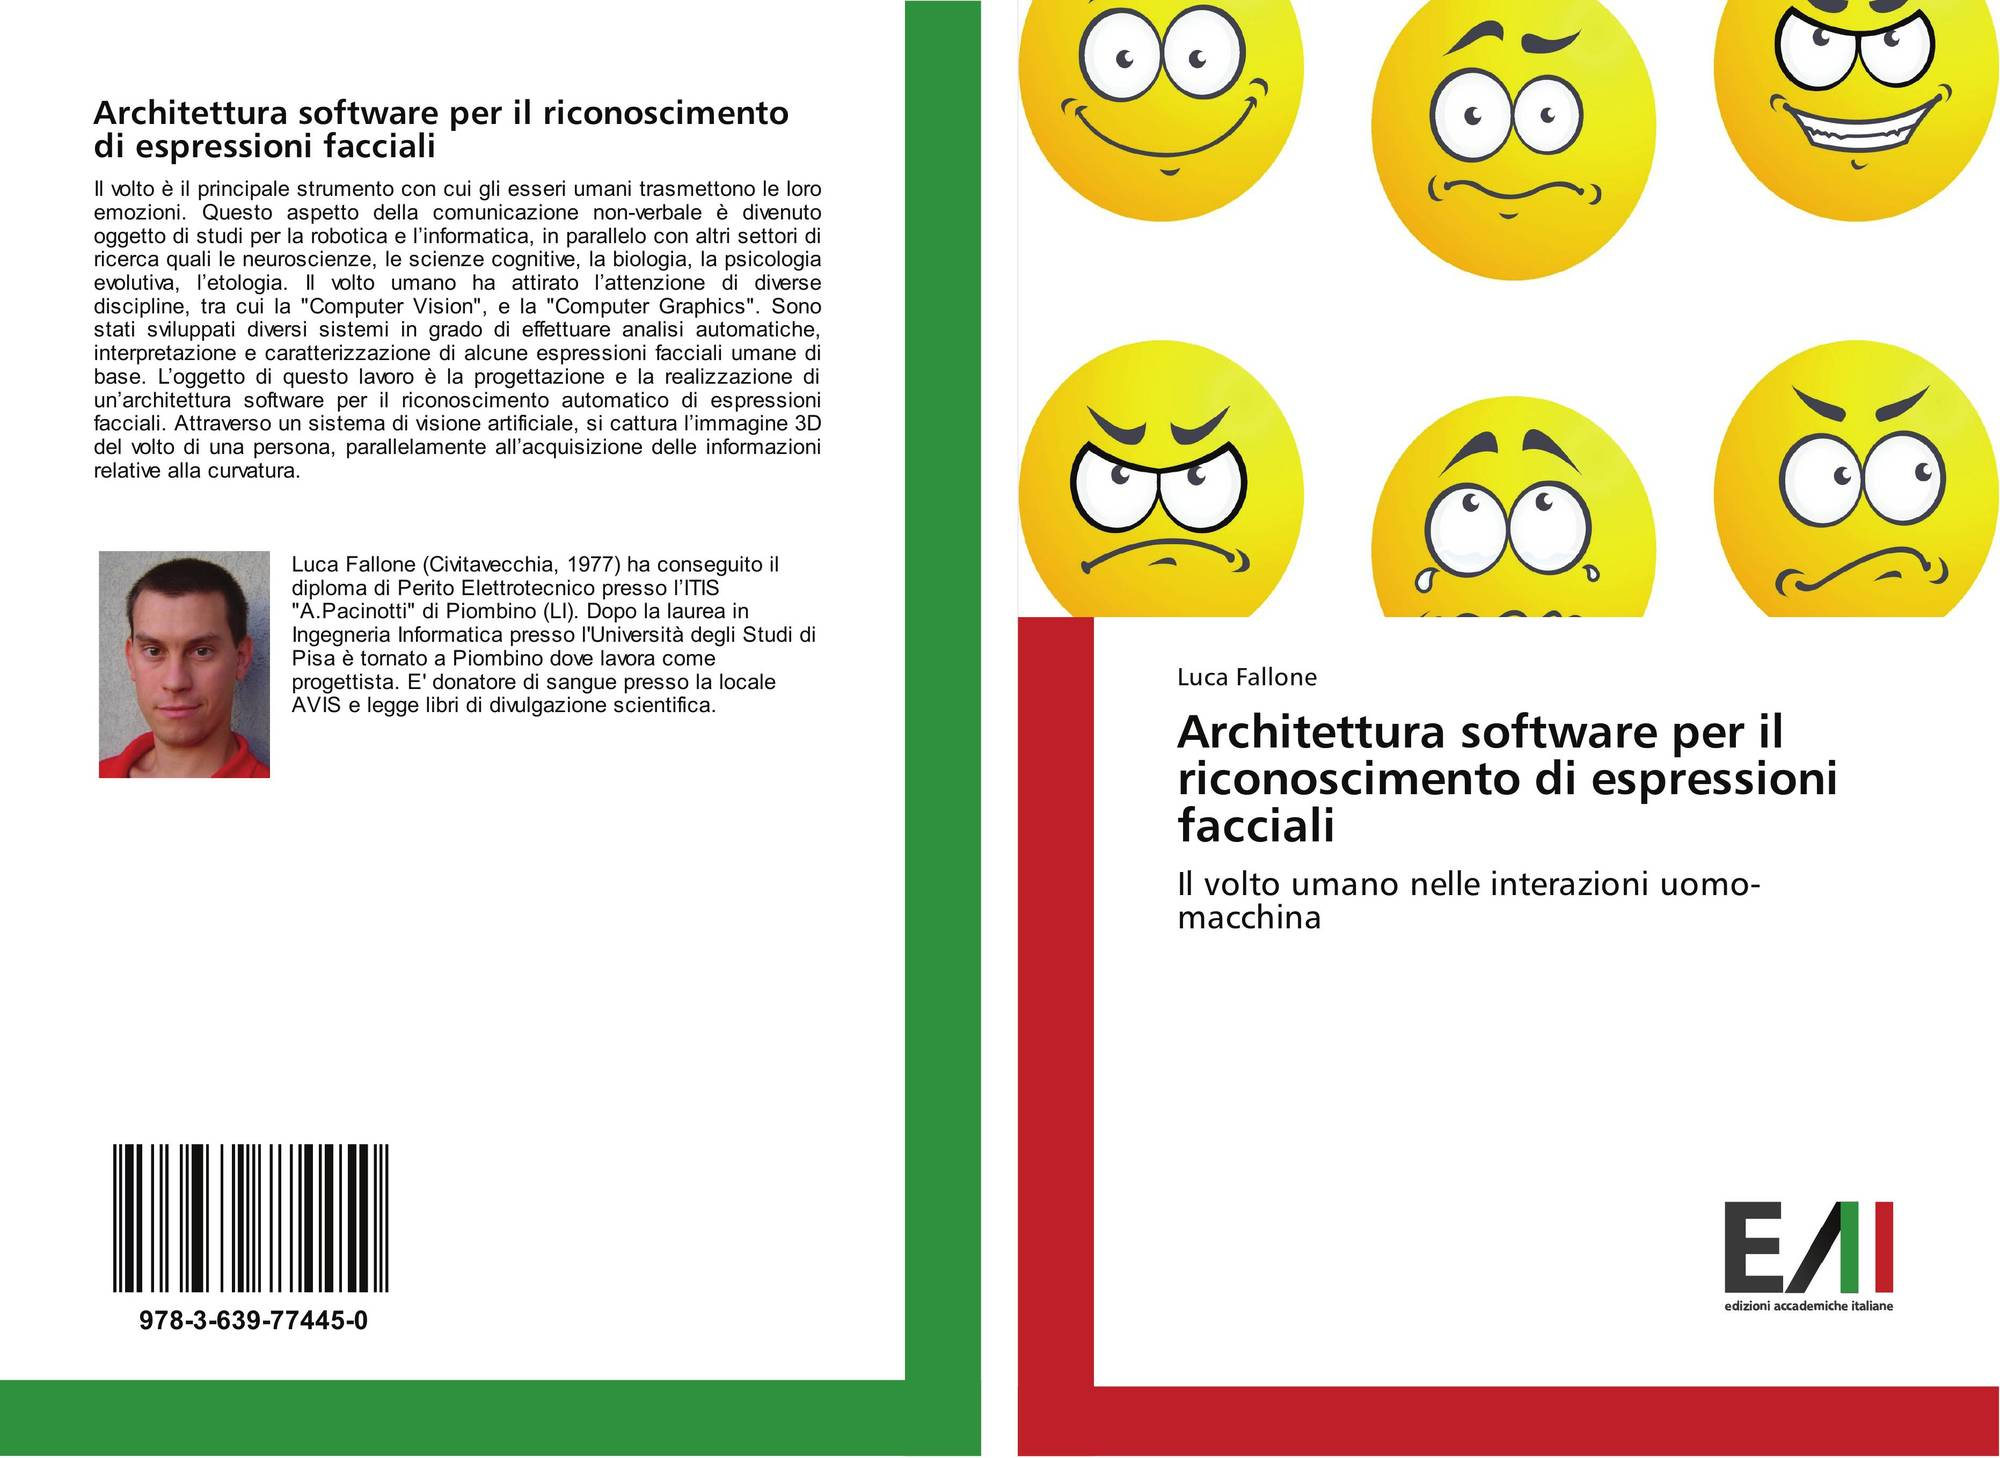 Architettura software per il riconoscimento di espressioni for Software di progettazione di architettura domestica